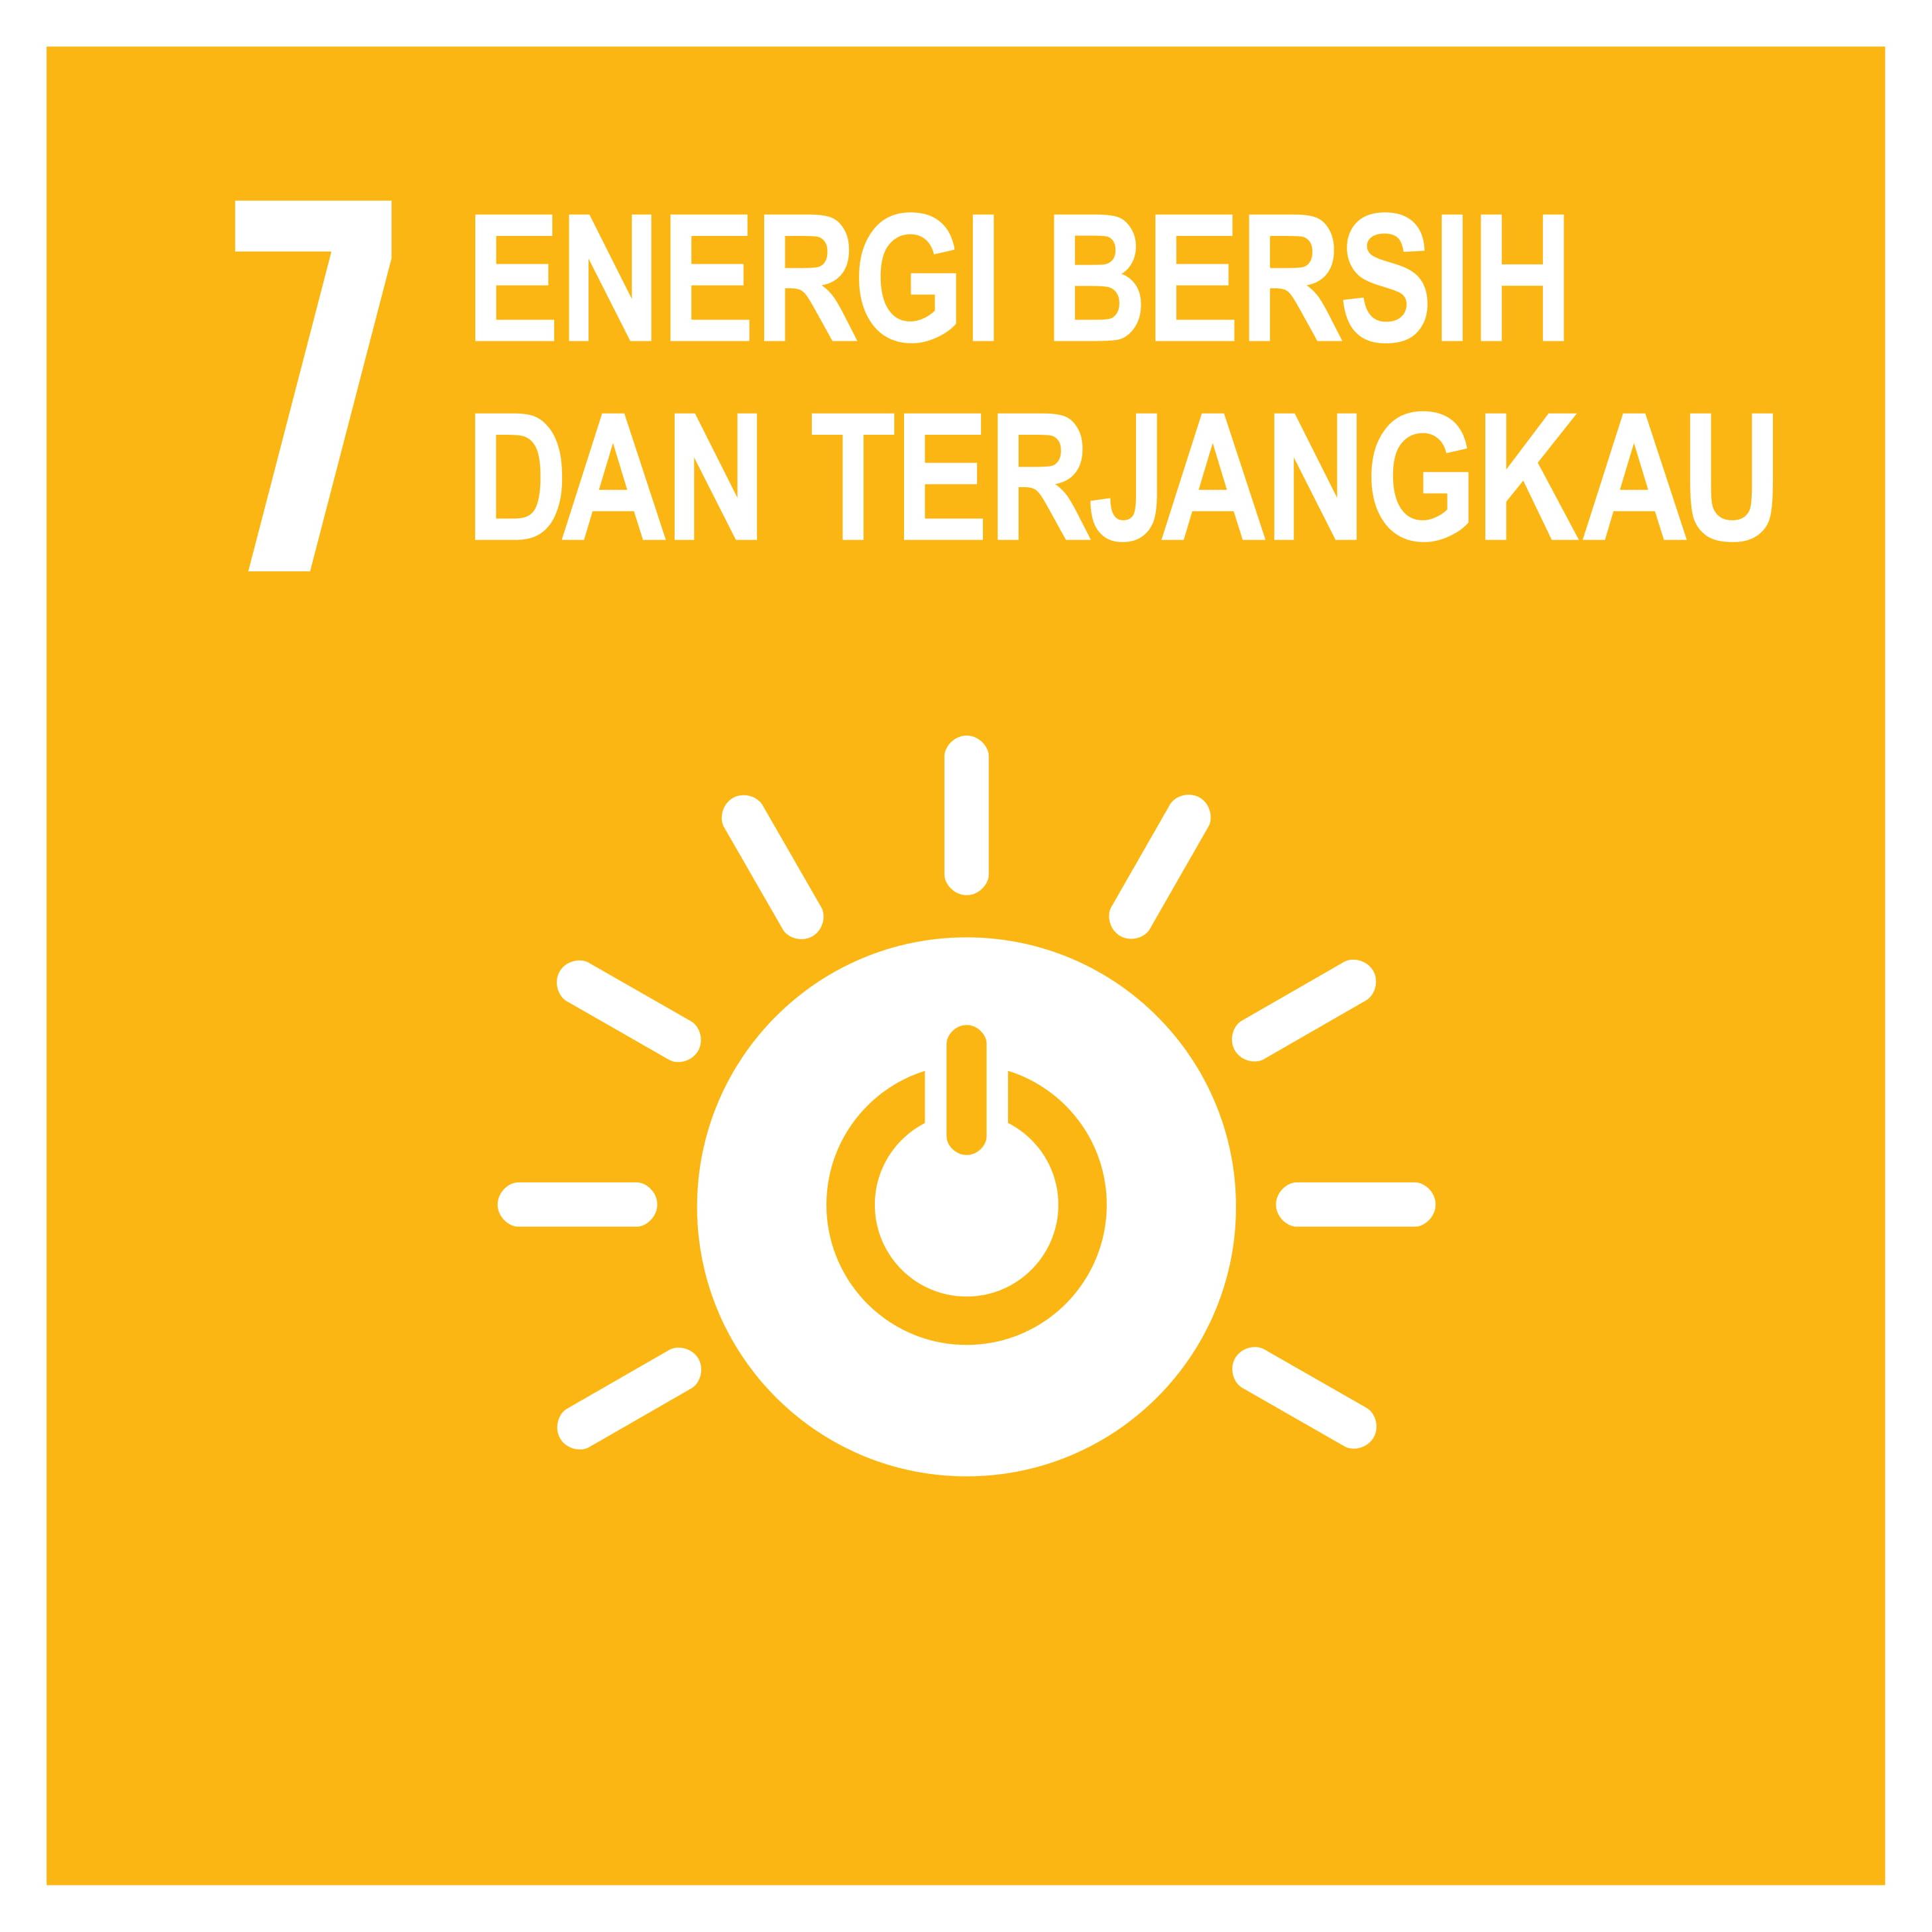 Energi Bersih dan Terjangkau